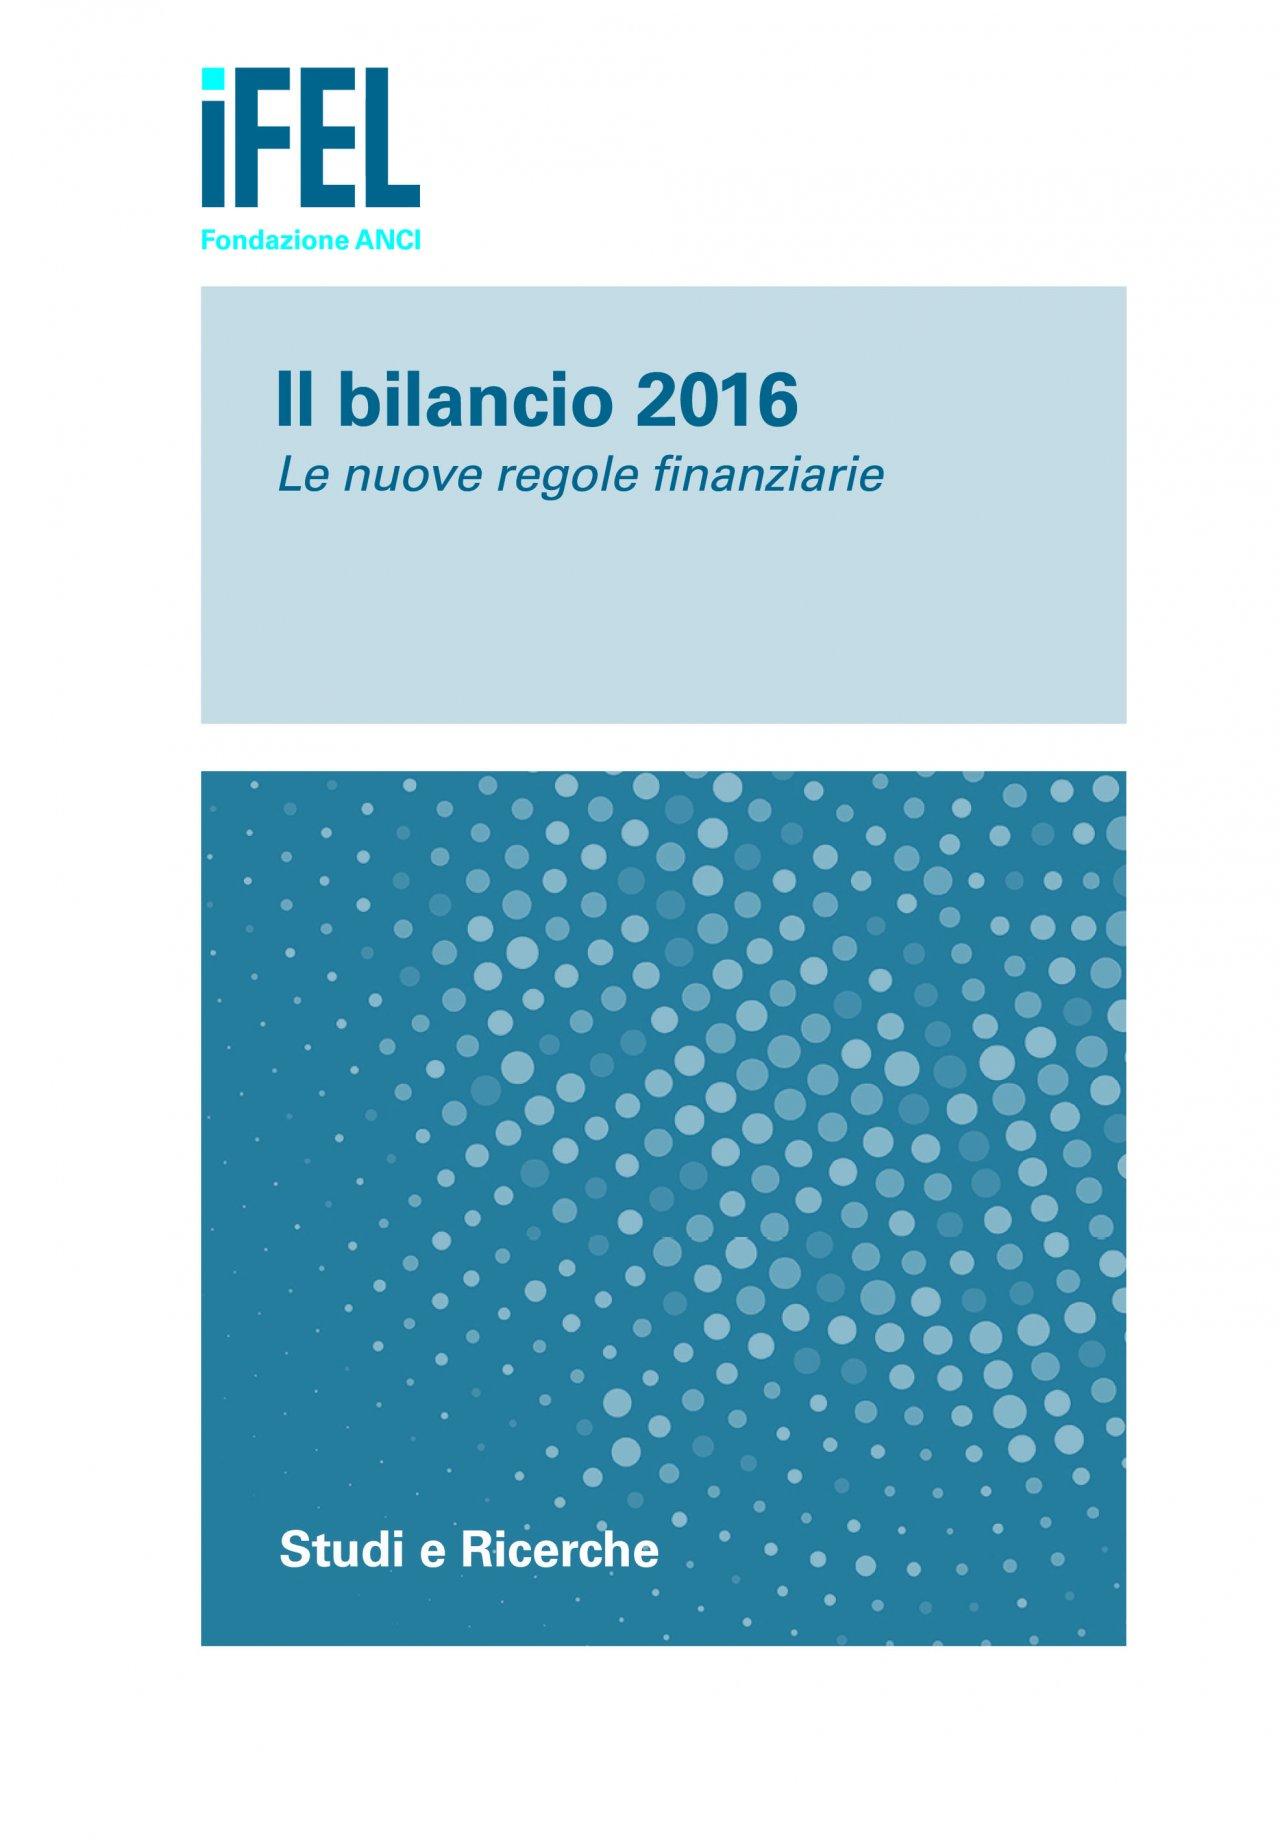 Il Bilancio 2016. Le nuove regole finanziarie